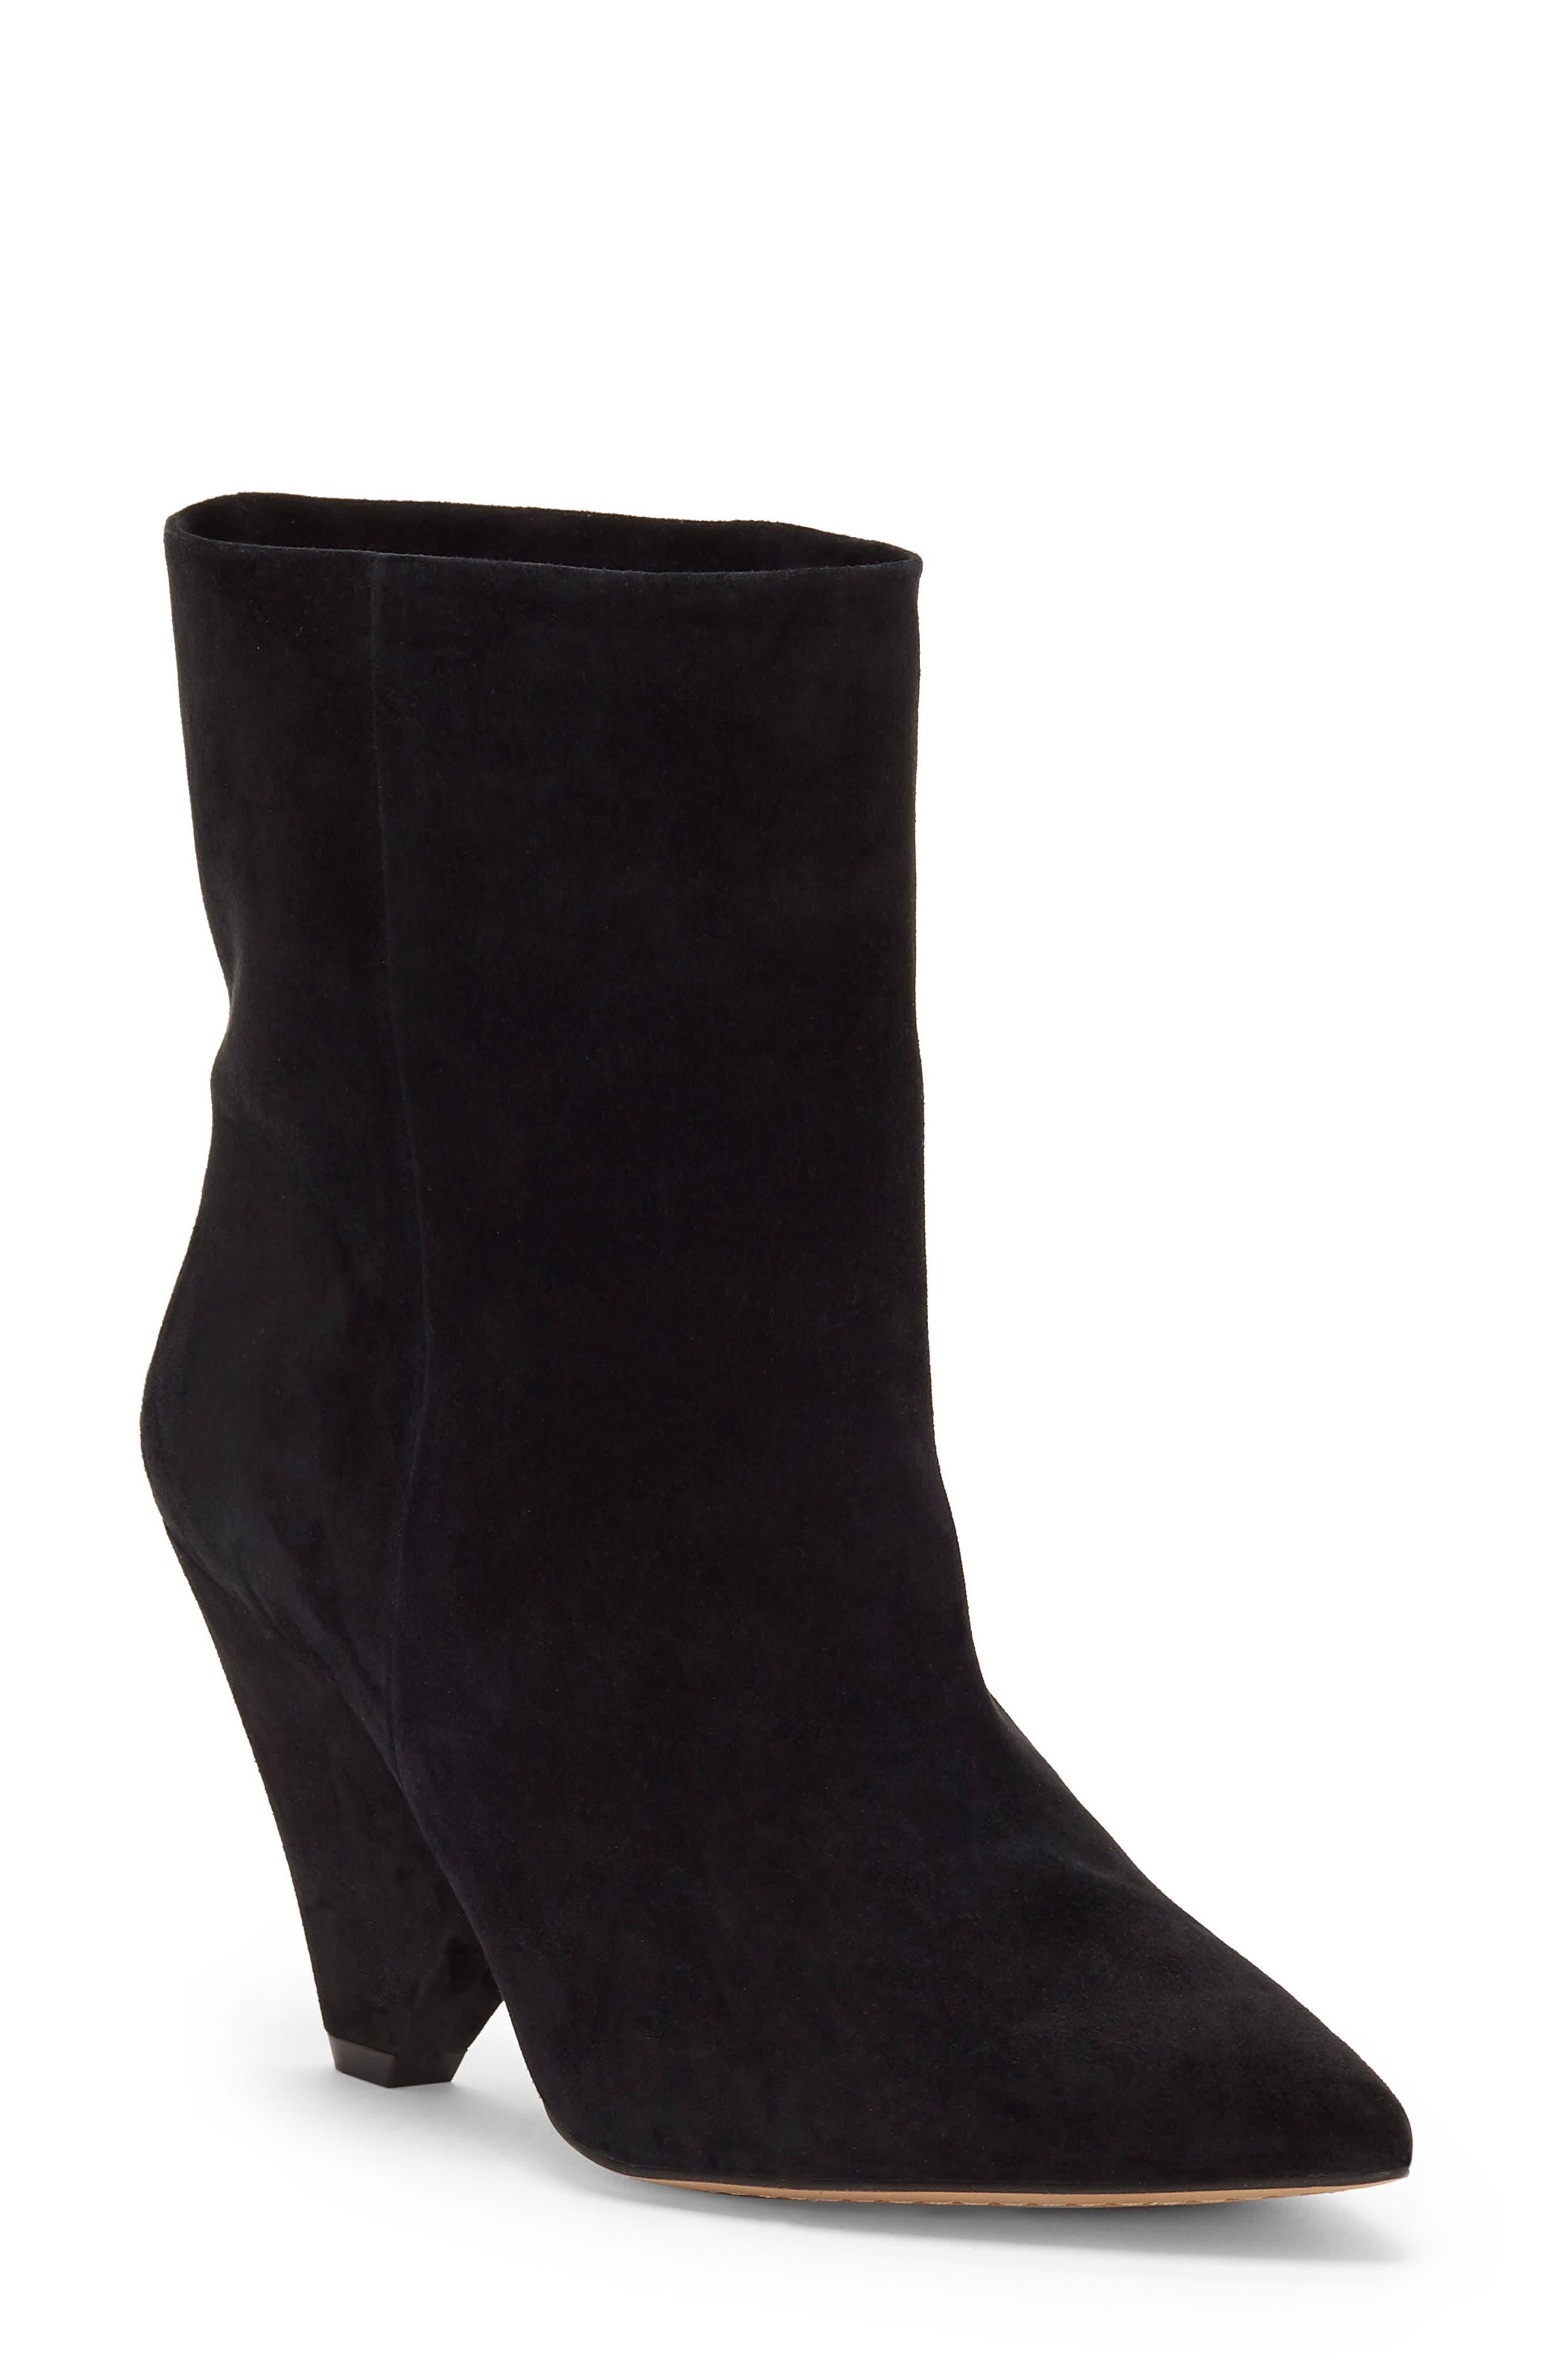 Regina Cone Heel Bootie,                         Main,                         color, BLACK SUEDE